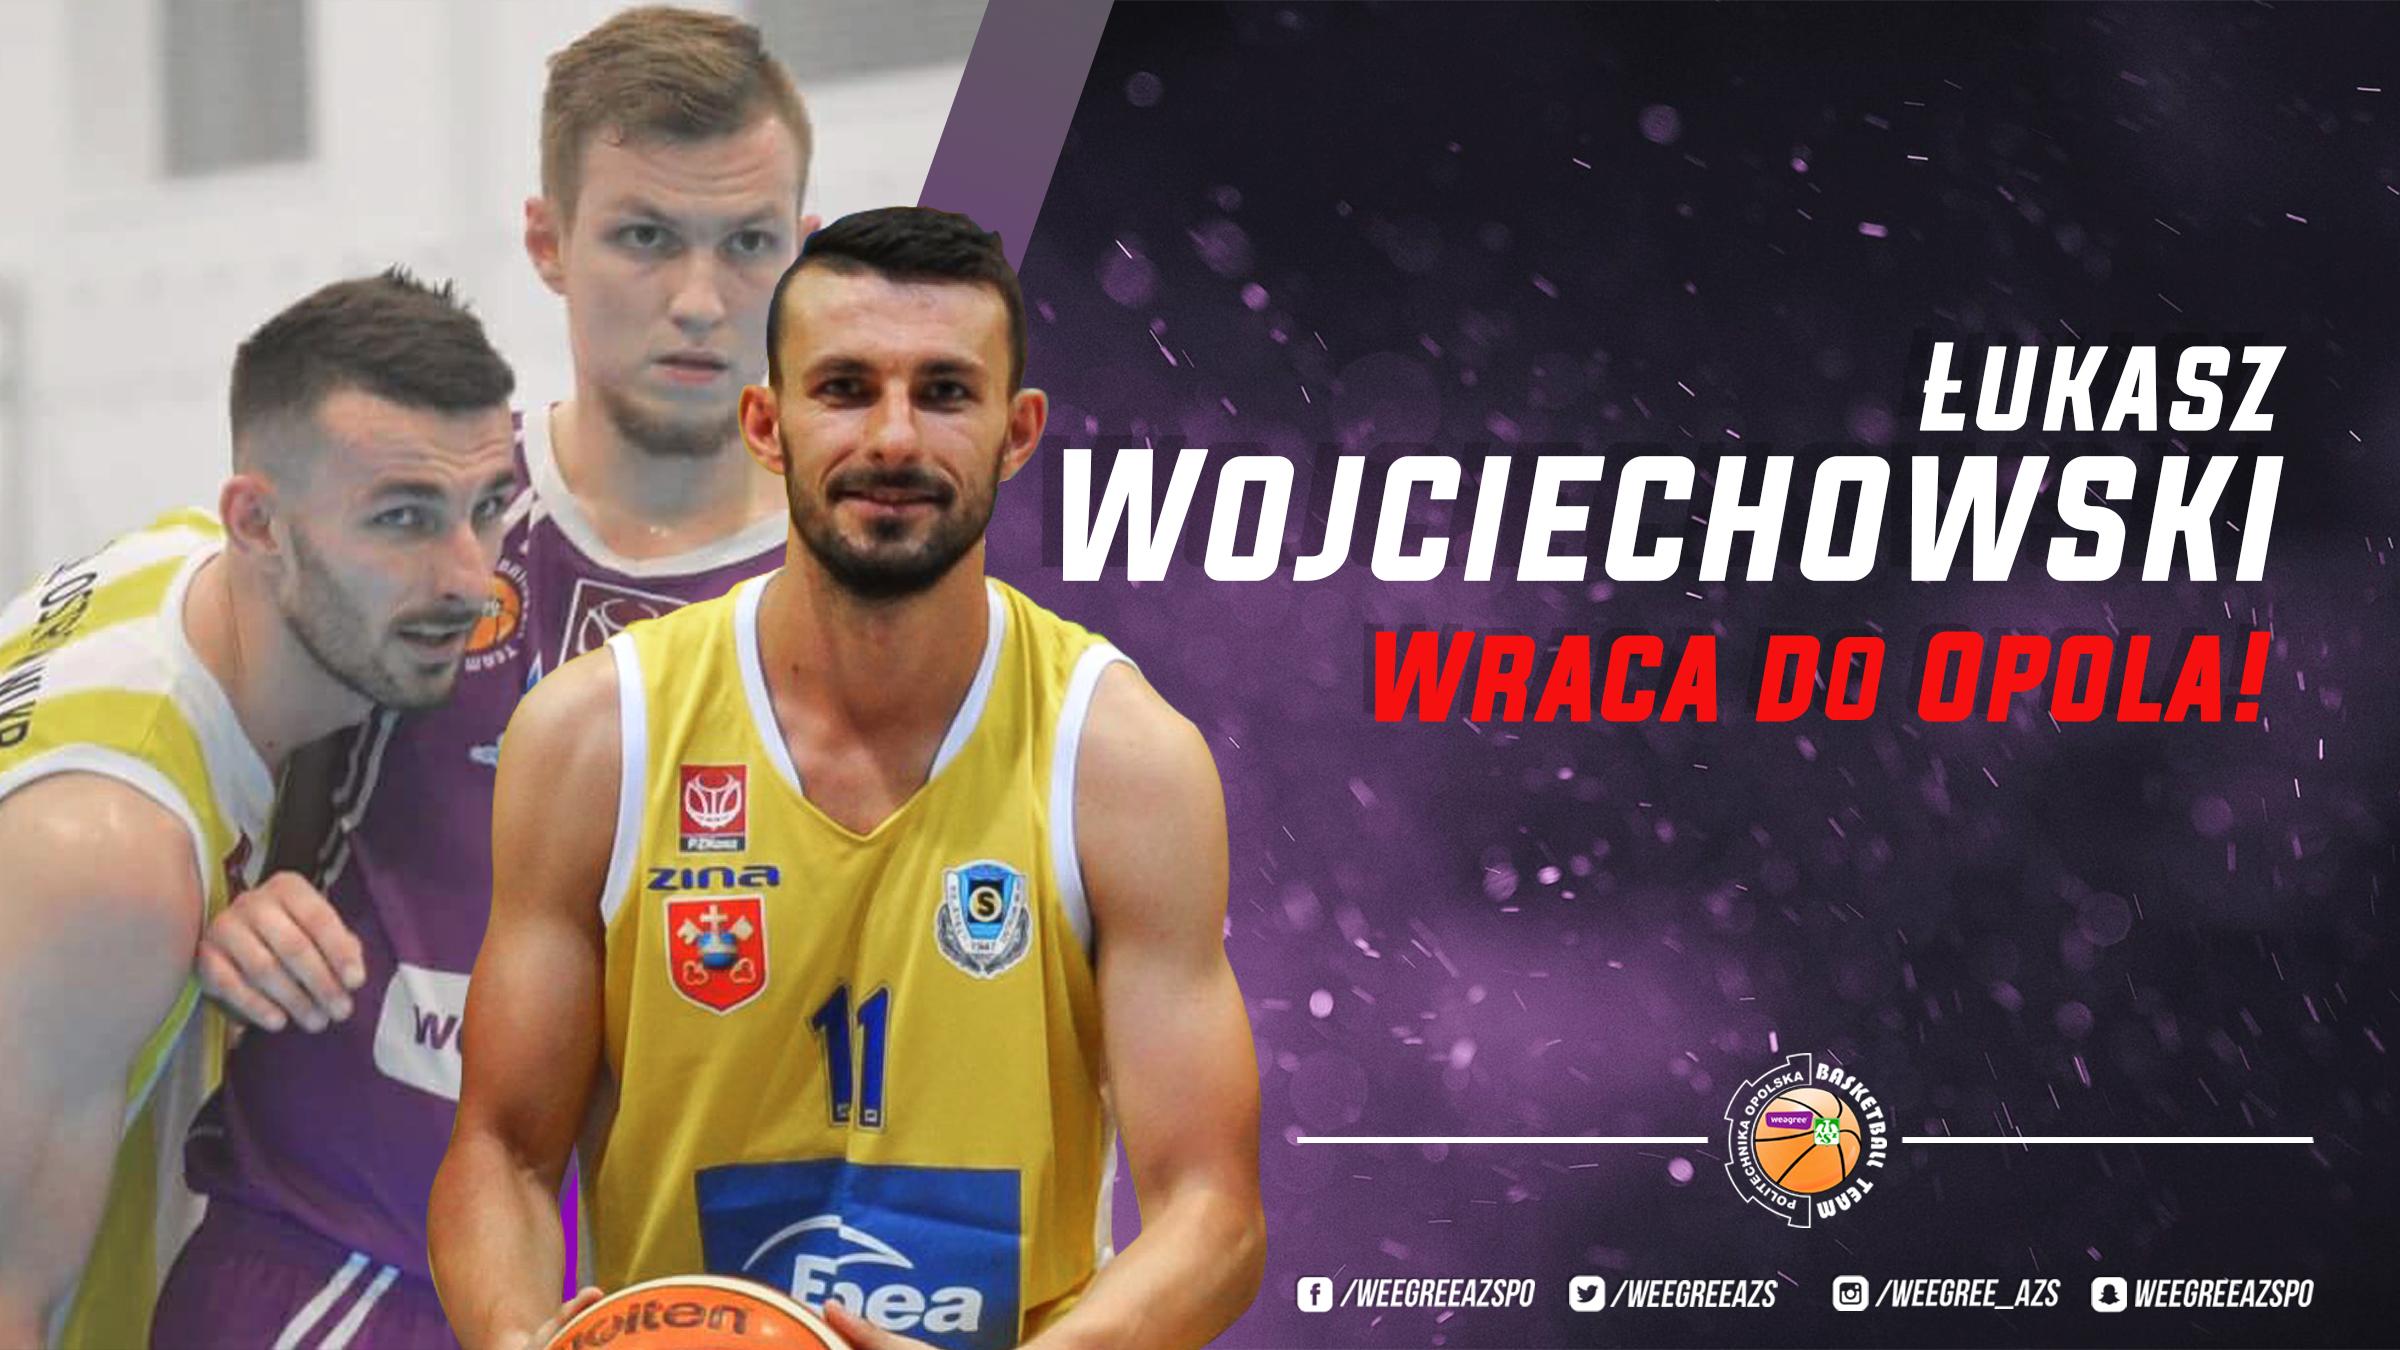 Łukasz Wojciechowski wraca do Opola!